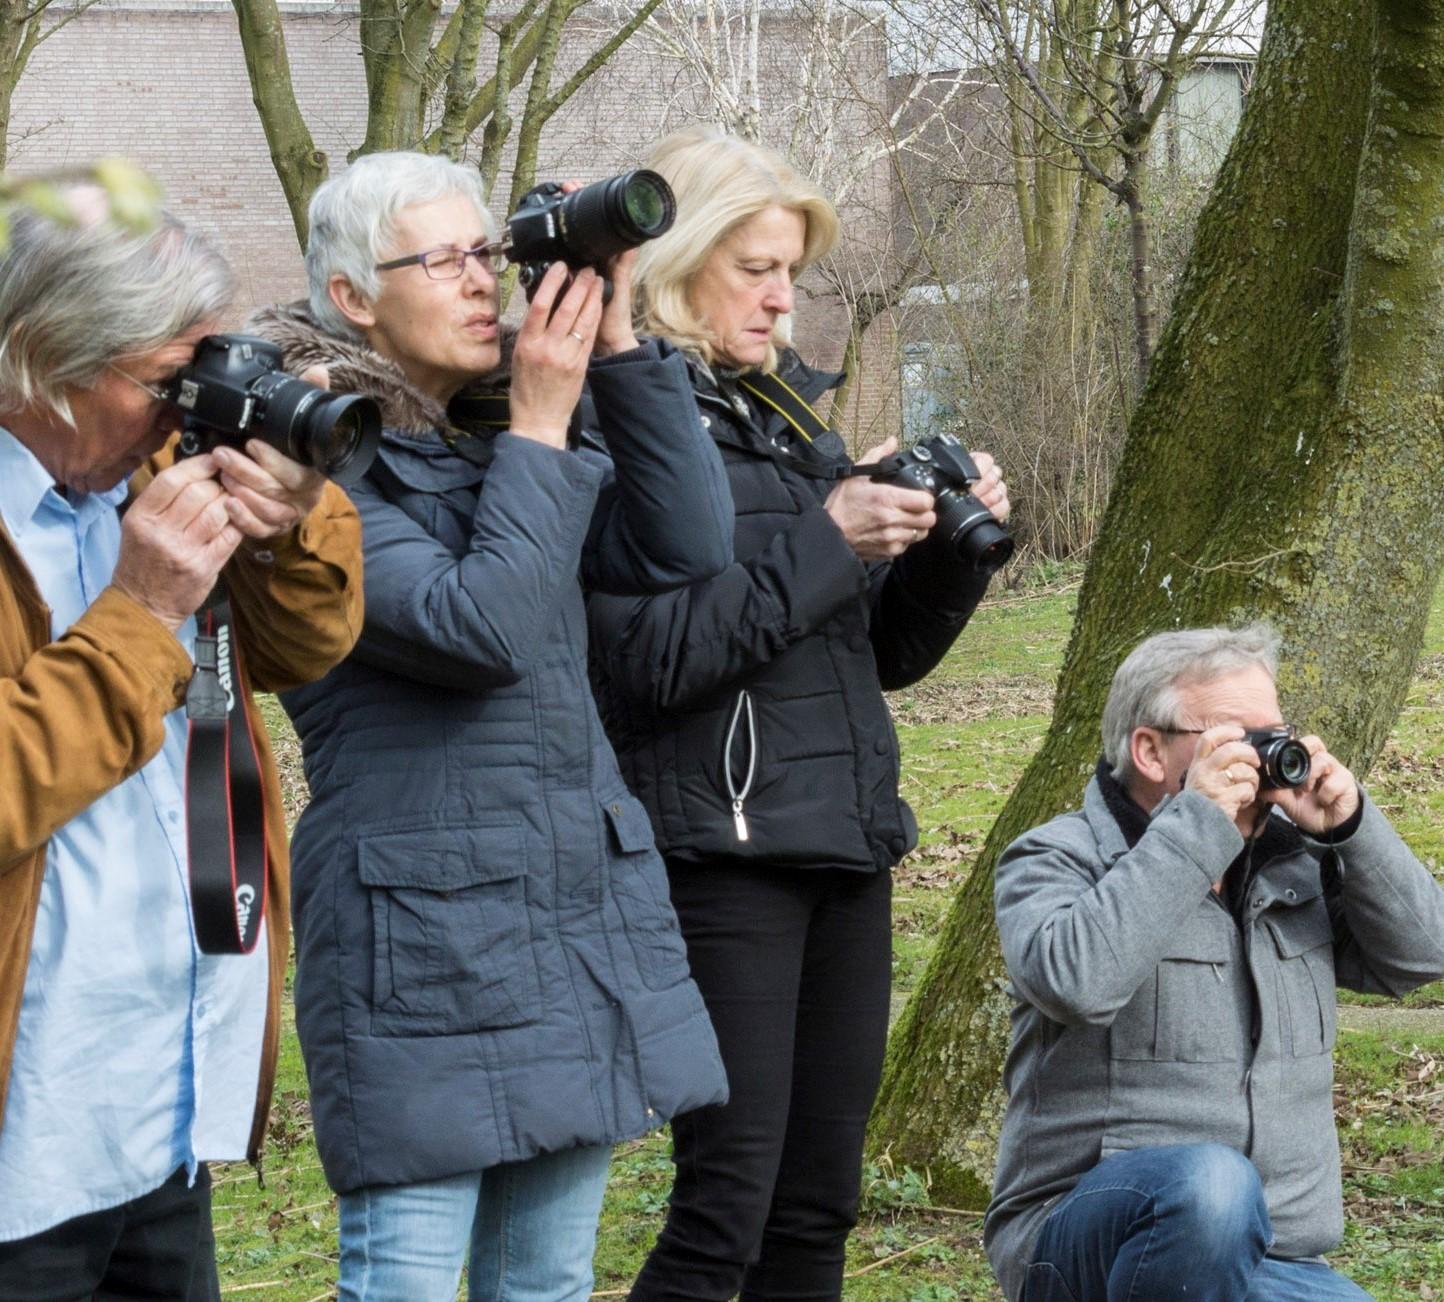 Basiscursus fotografie, spiegelreflex-/systeemcamera Woerden